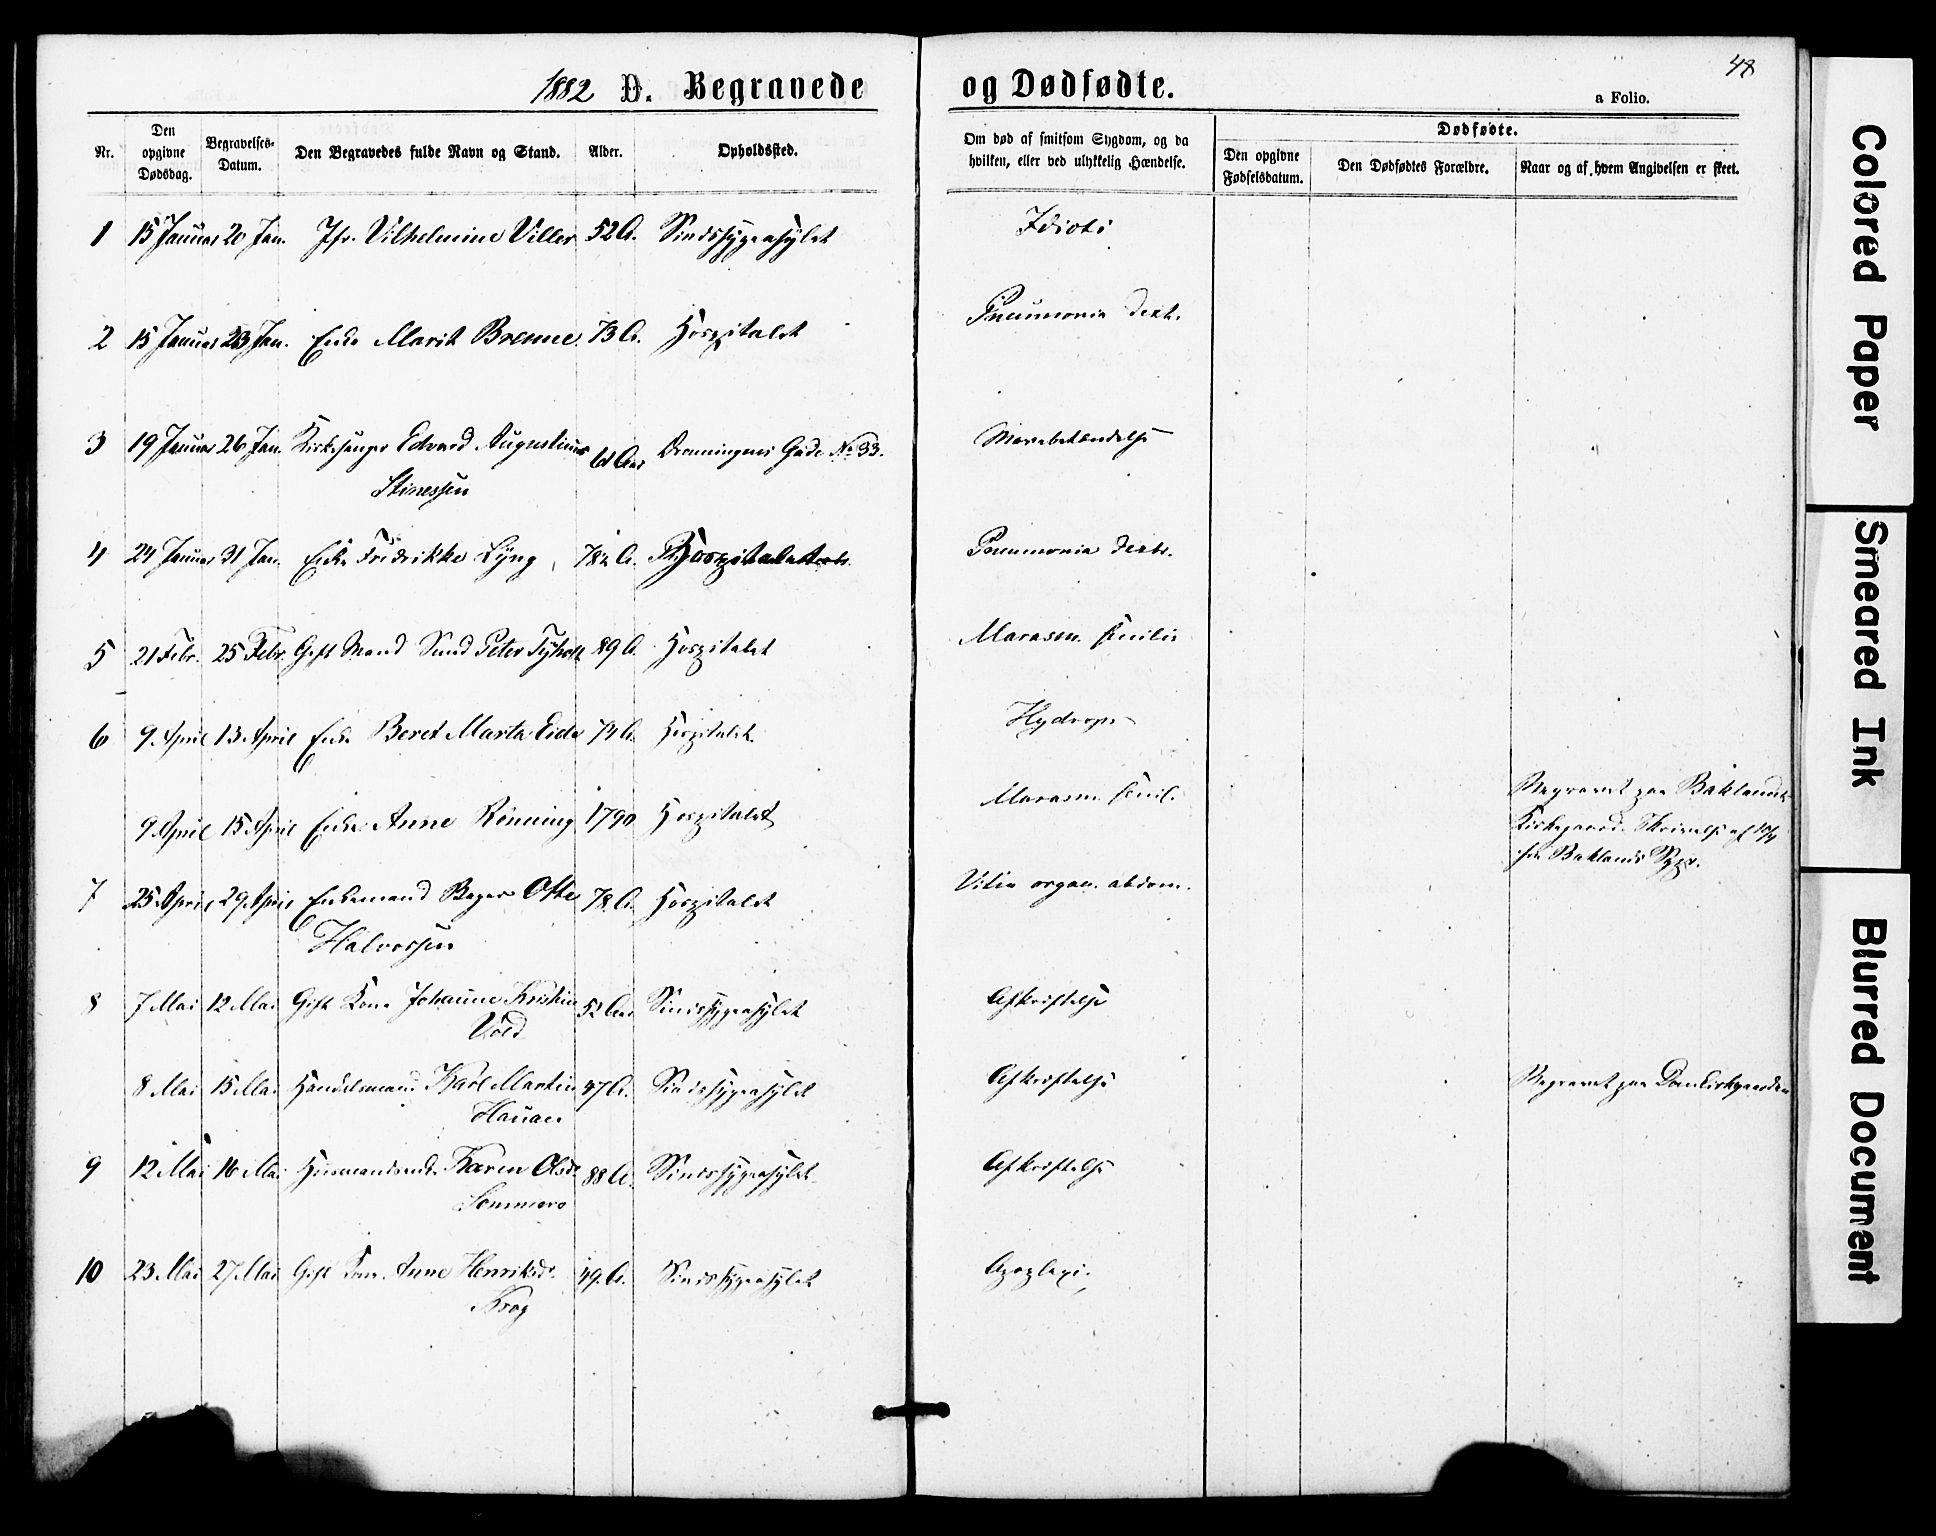 SAT, Ministerialprotokoller, klokkerbøker og fødselsregistre - Sør-Trøndelag, 623/L0469: Ministerialbok nr. 623A03, 1868-1883, s. 48